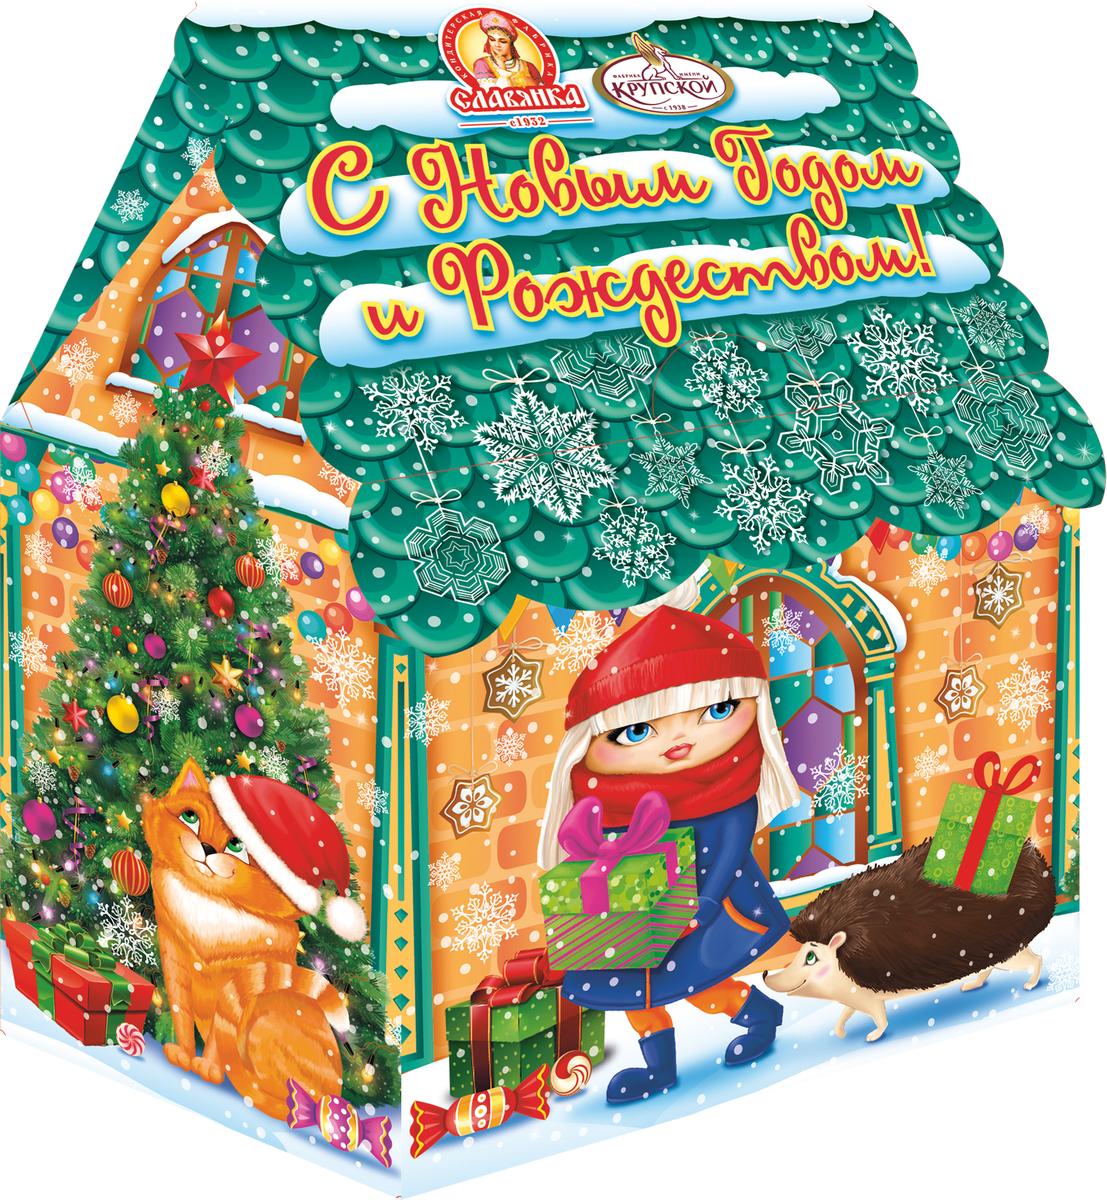 Славянка Сказочный город новогодний подарок, 251 г19266Новогодний подарок из шоколадных конфет известных брендов.